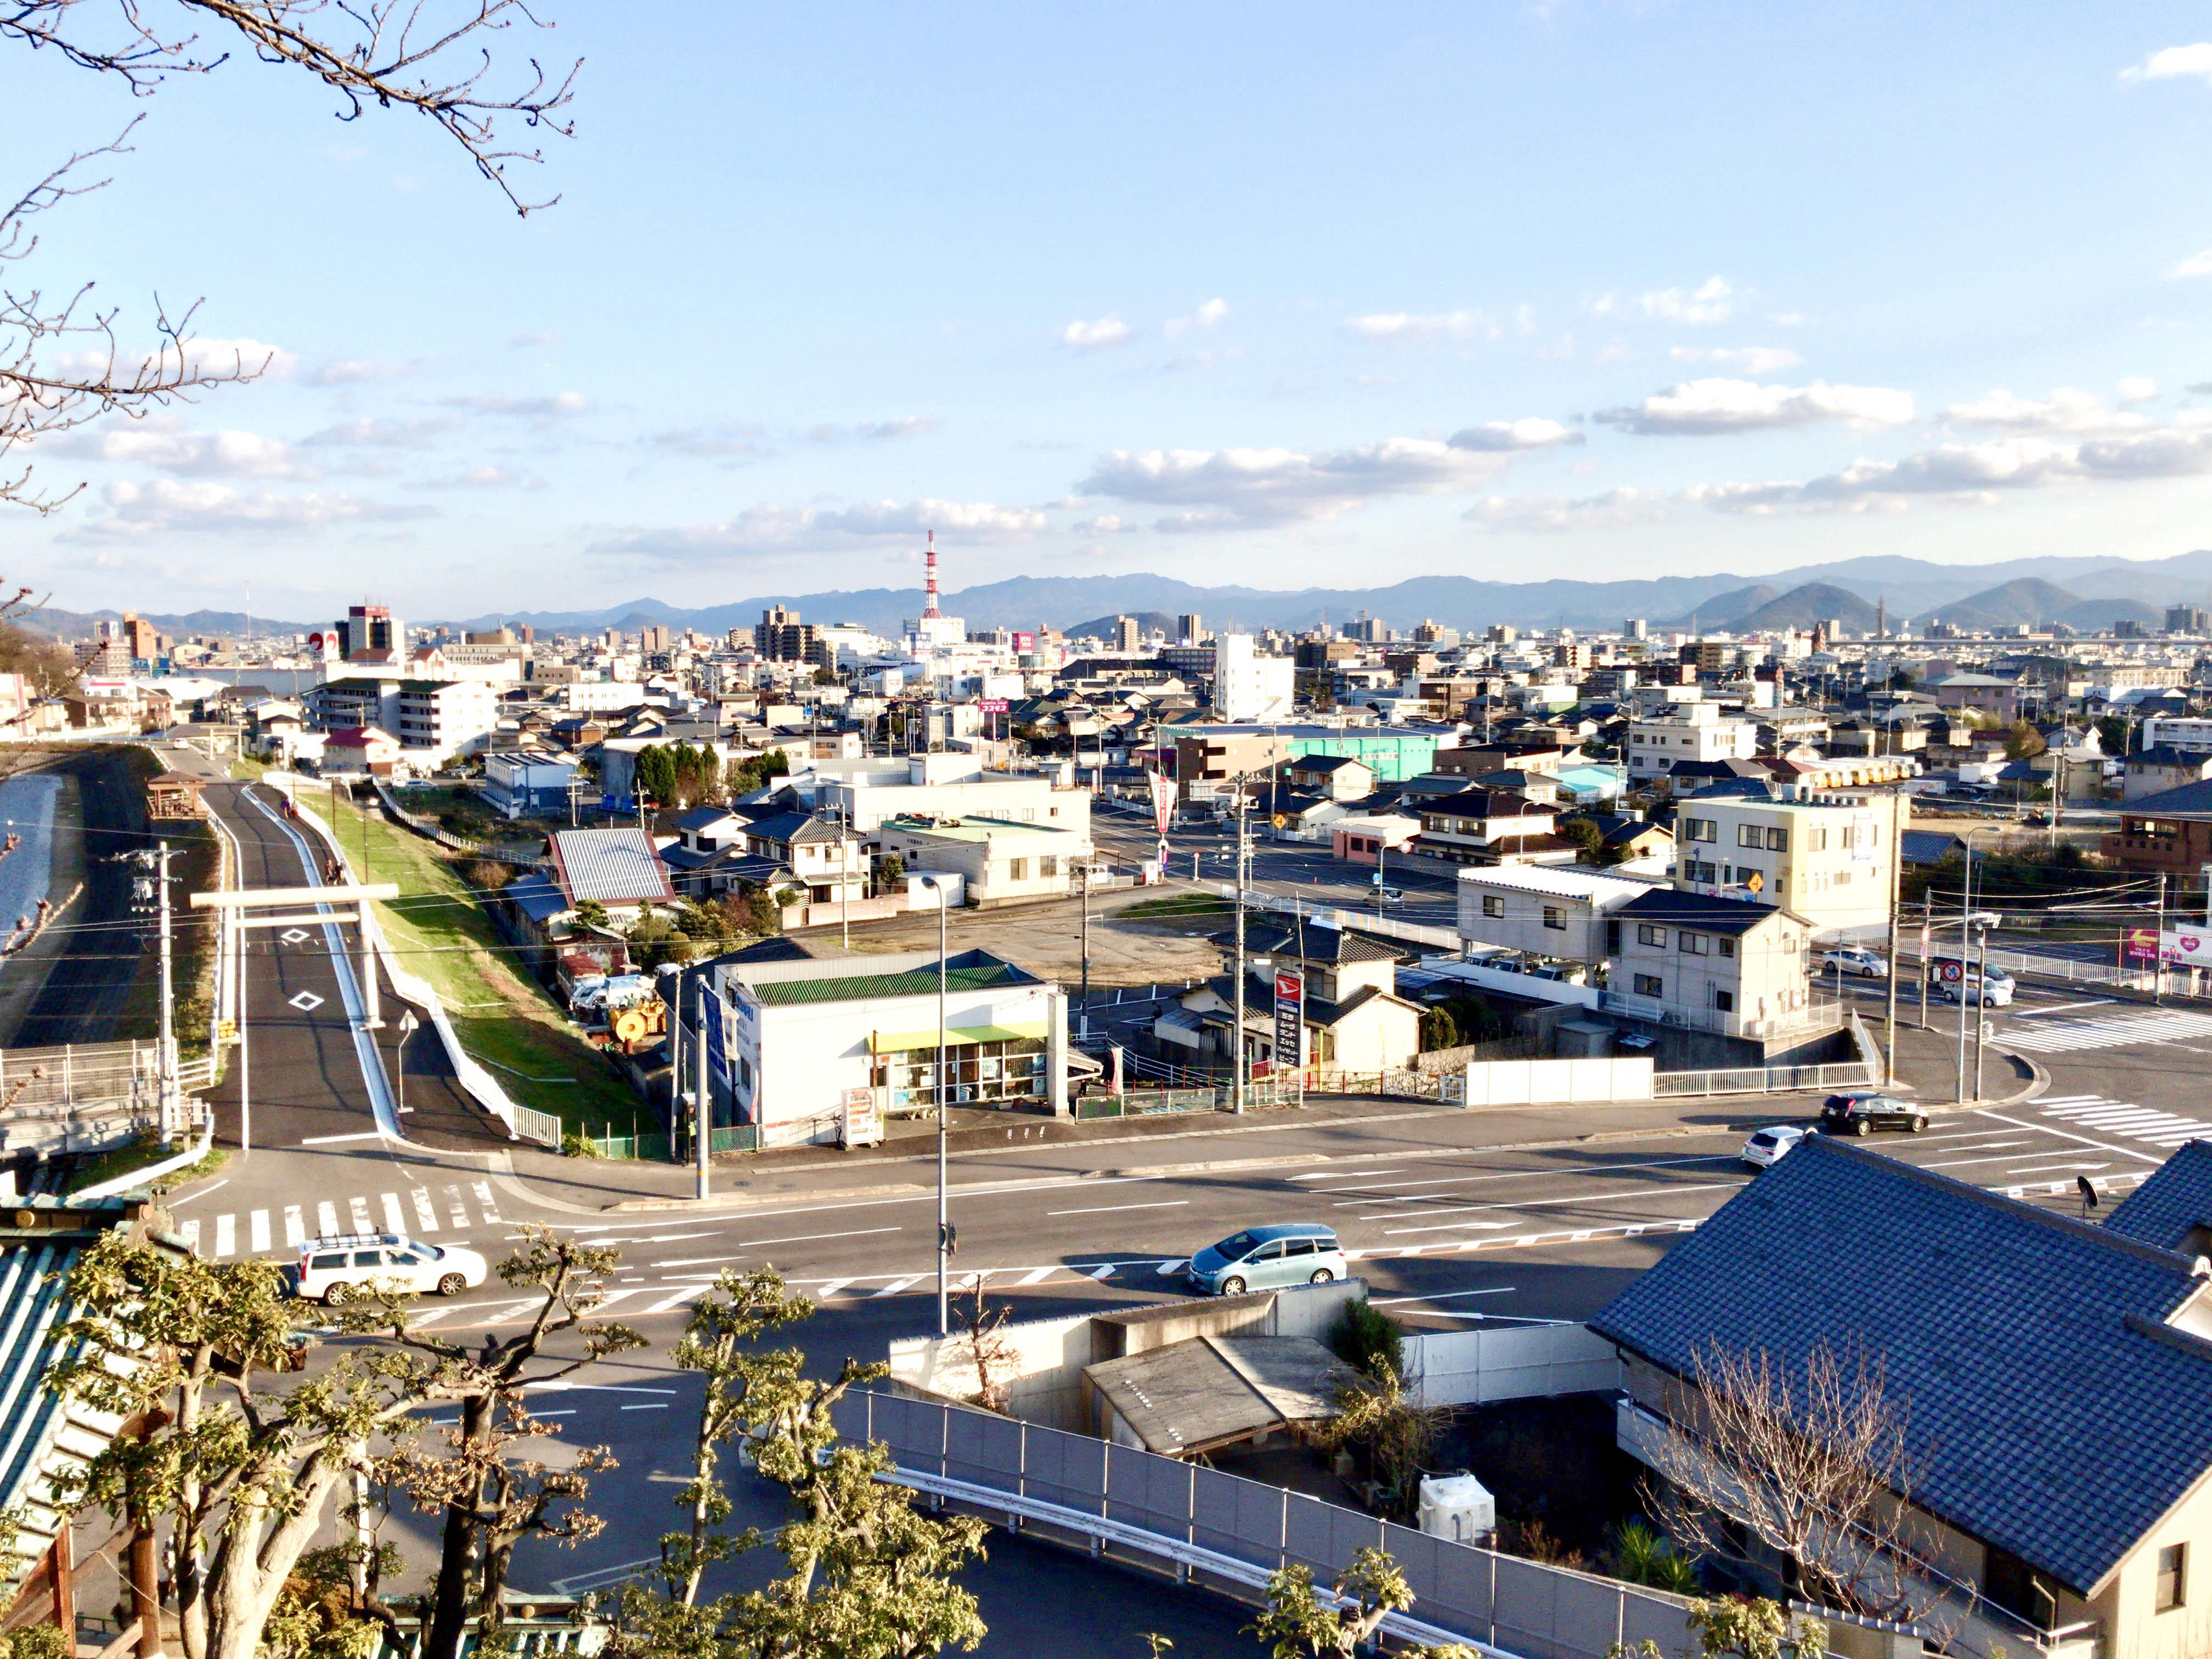 鶴尾八幡宮からの眺め1